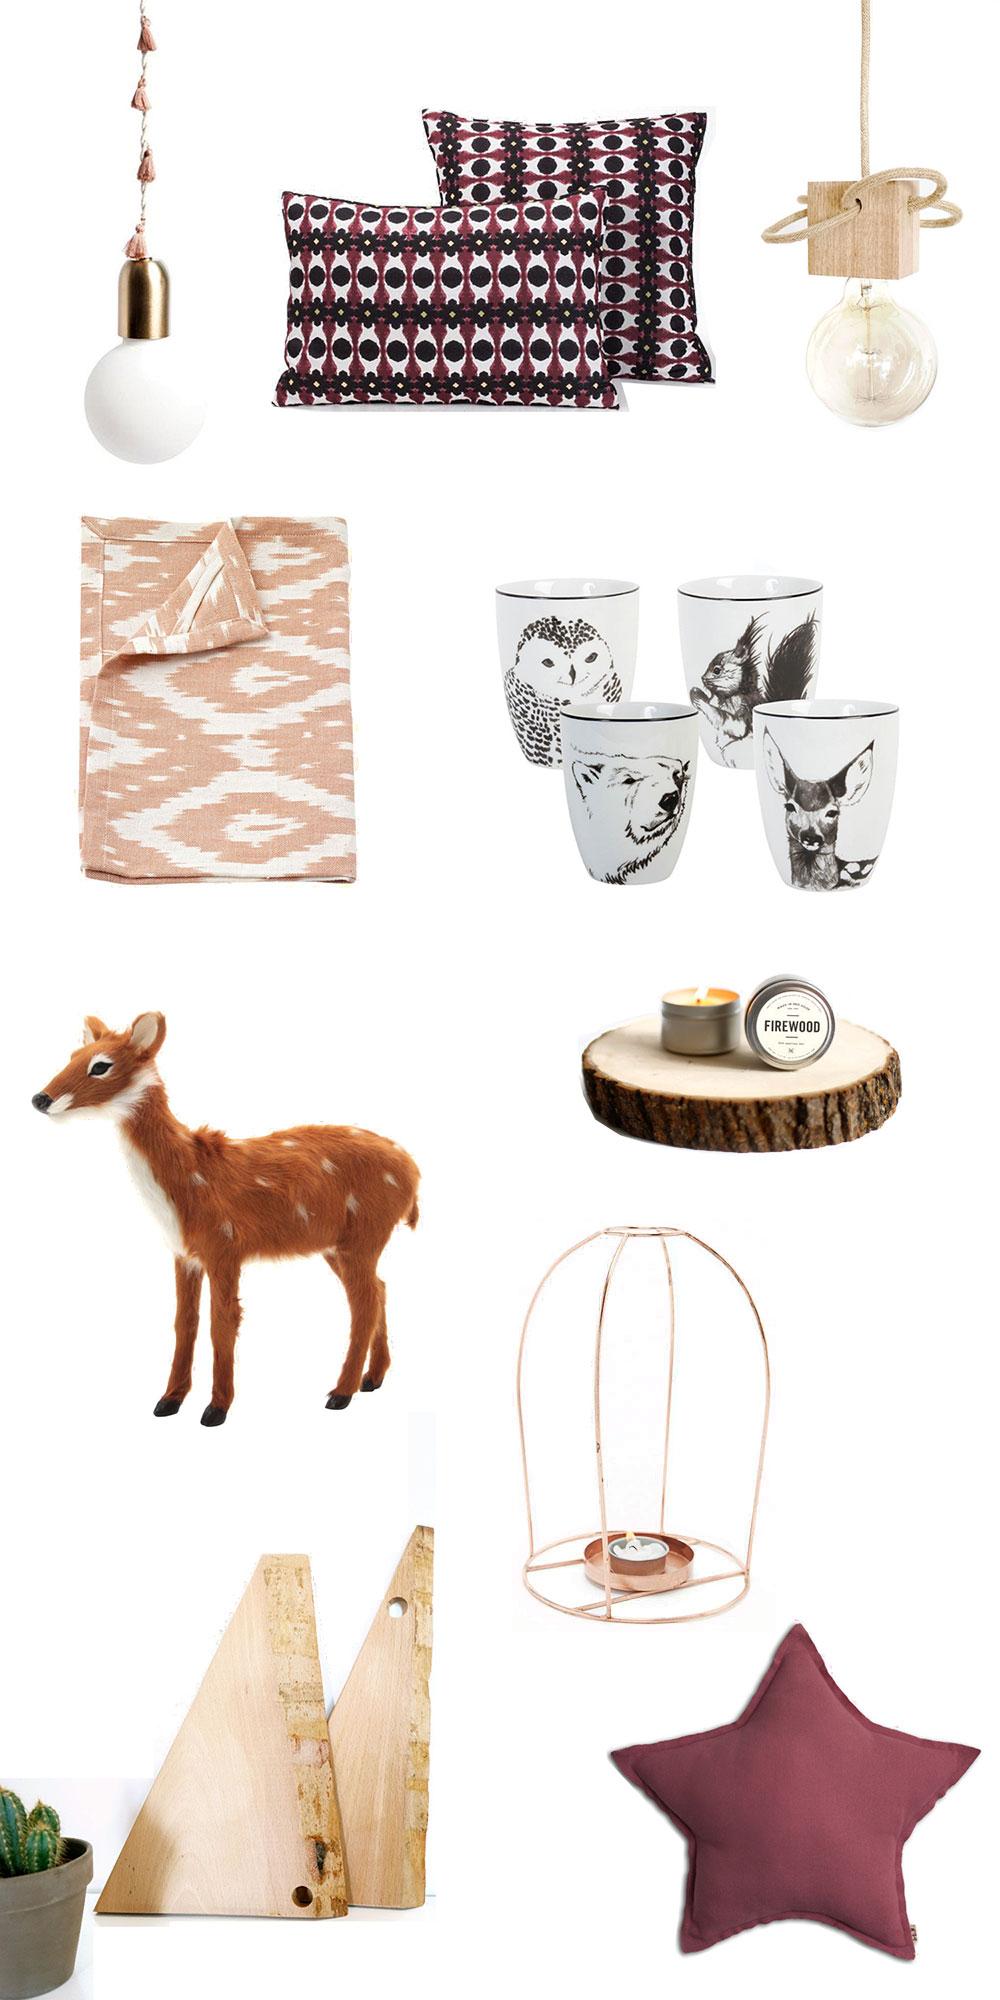 soldes-objets-deco-bougies-mugs-coussins-lampes-suspensions-bois-vanity-boum